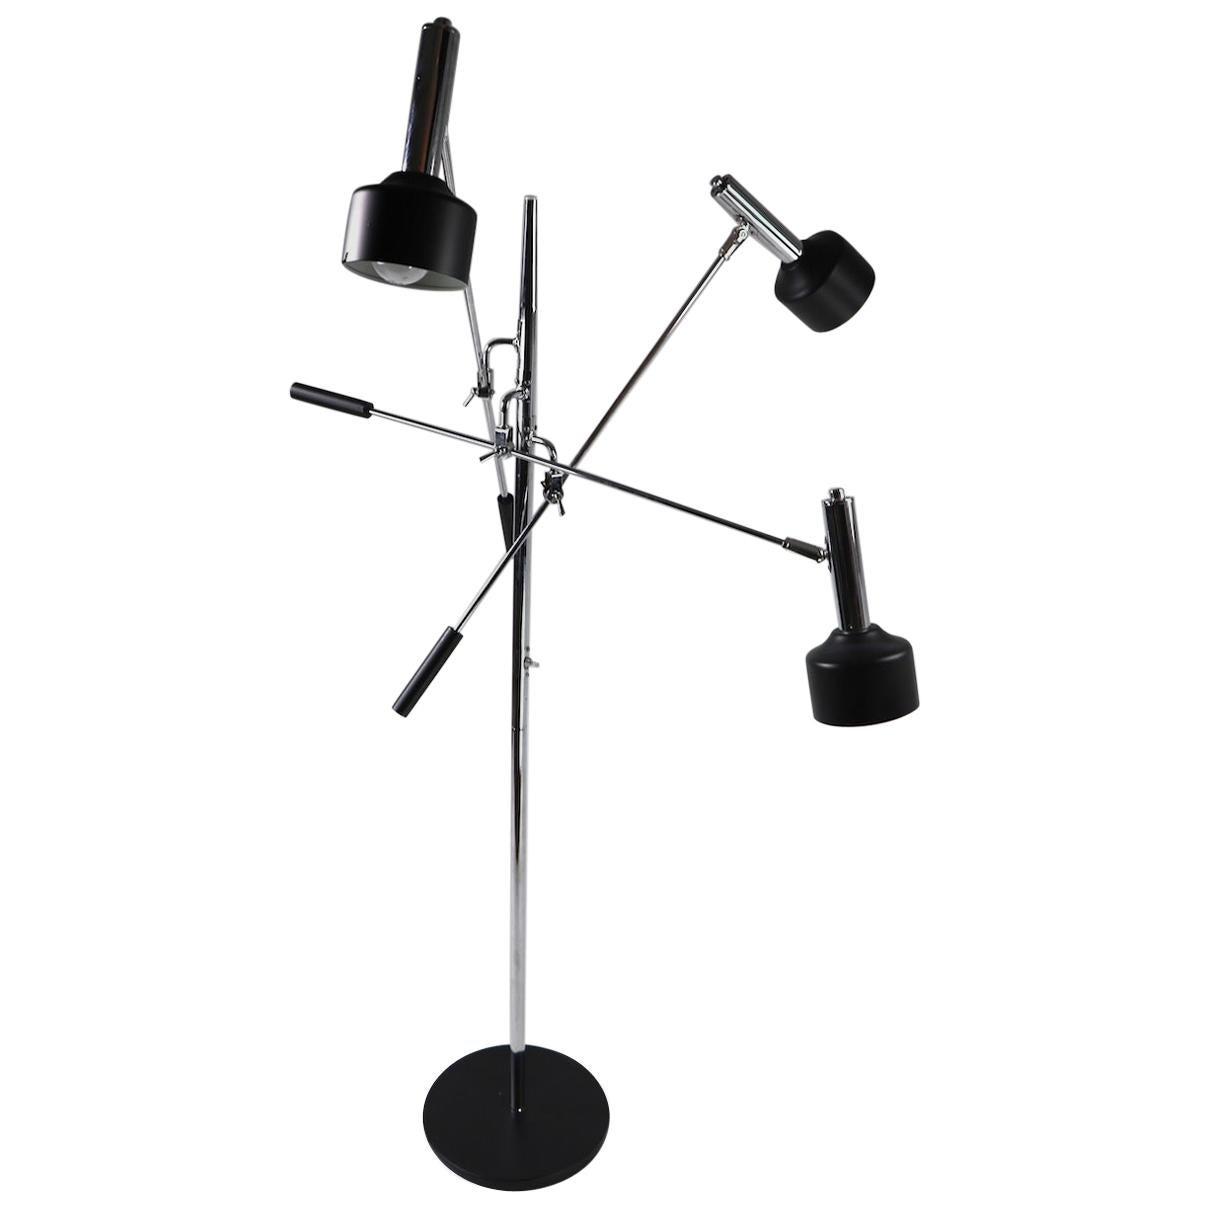 Triennale Three-Arm Floor Lamp  by Robert Sonneman